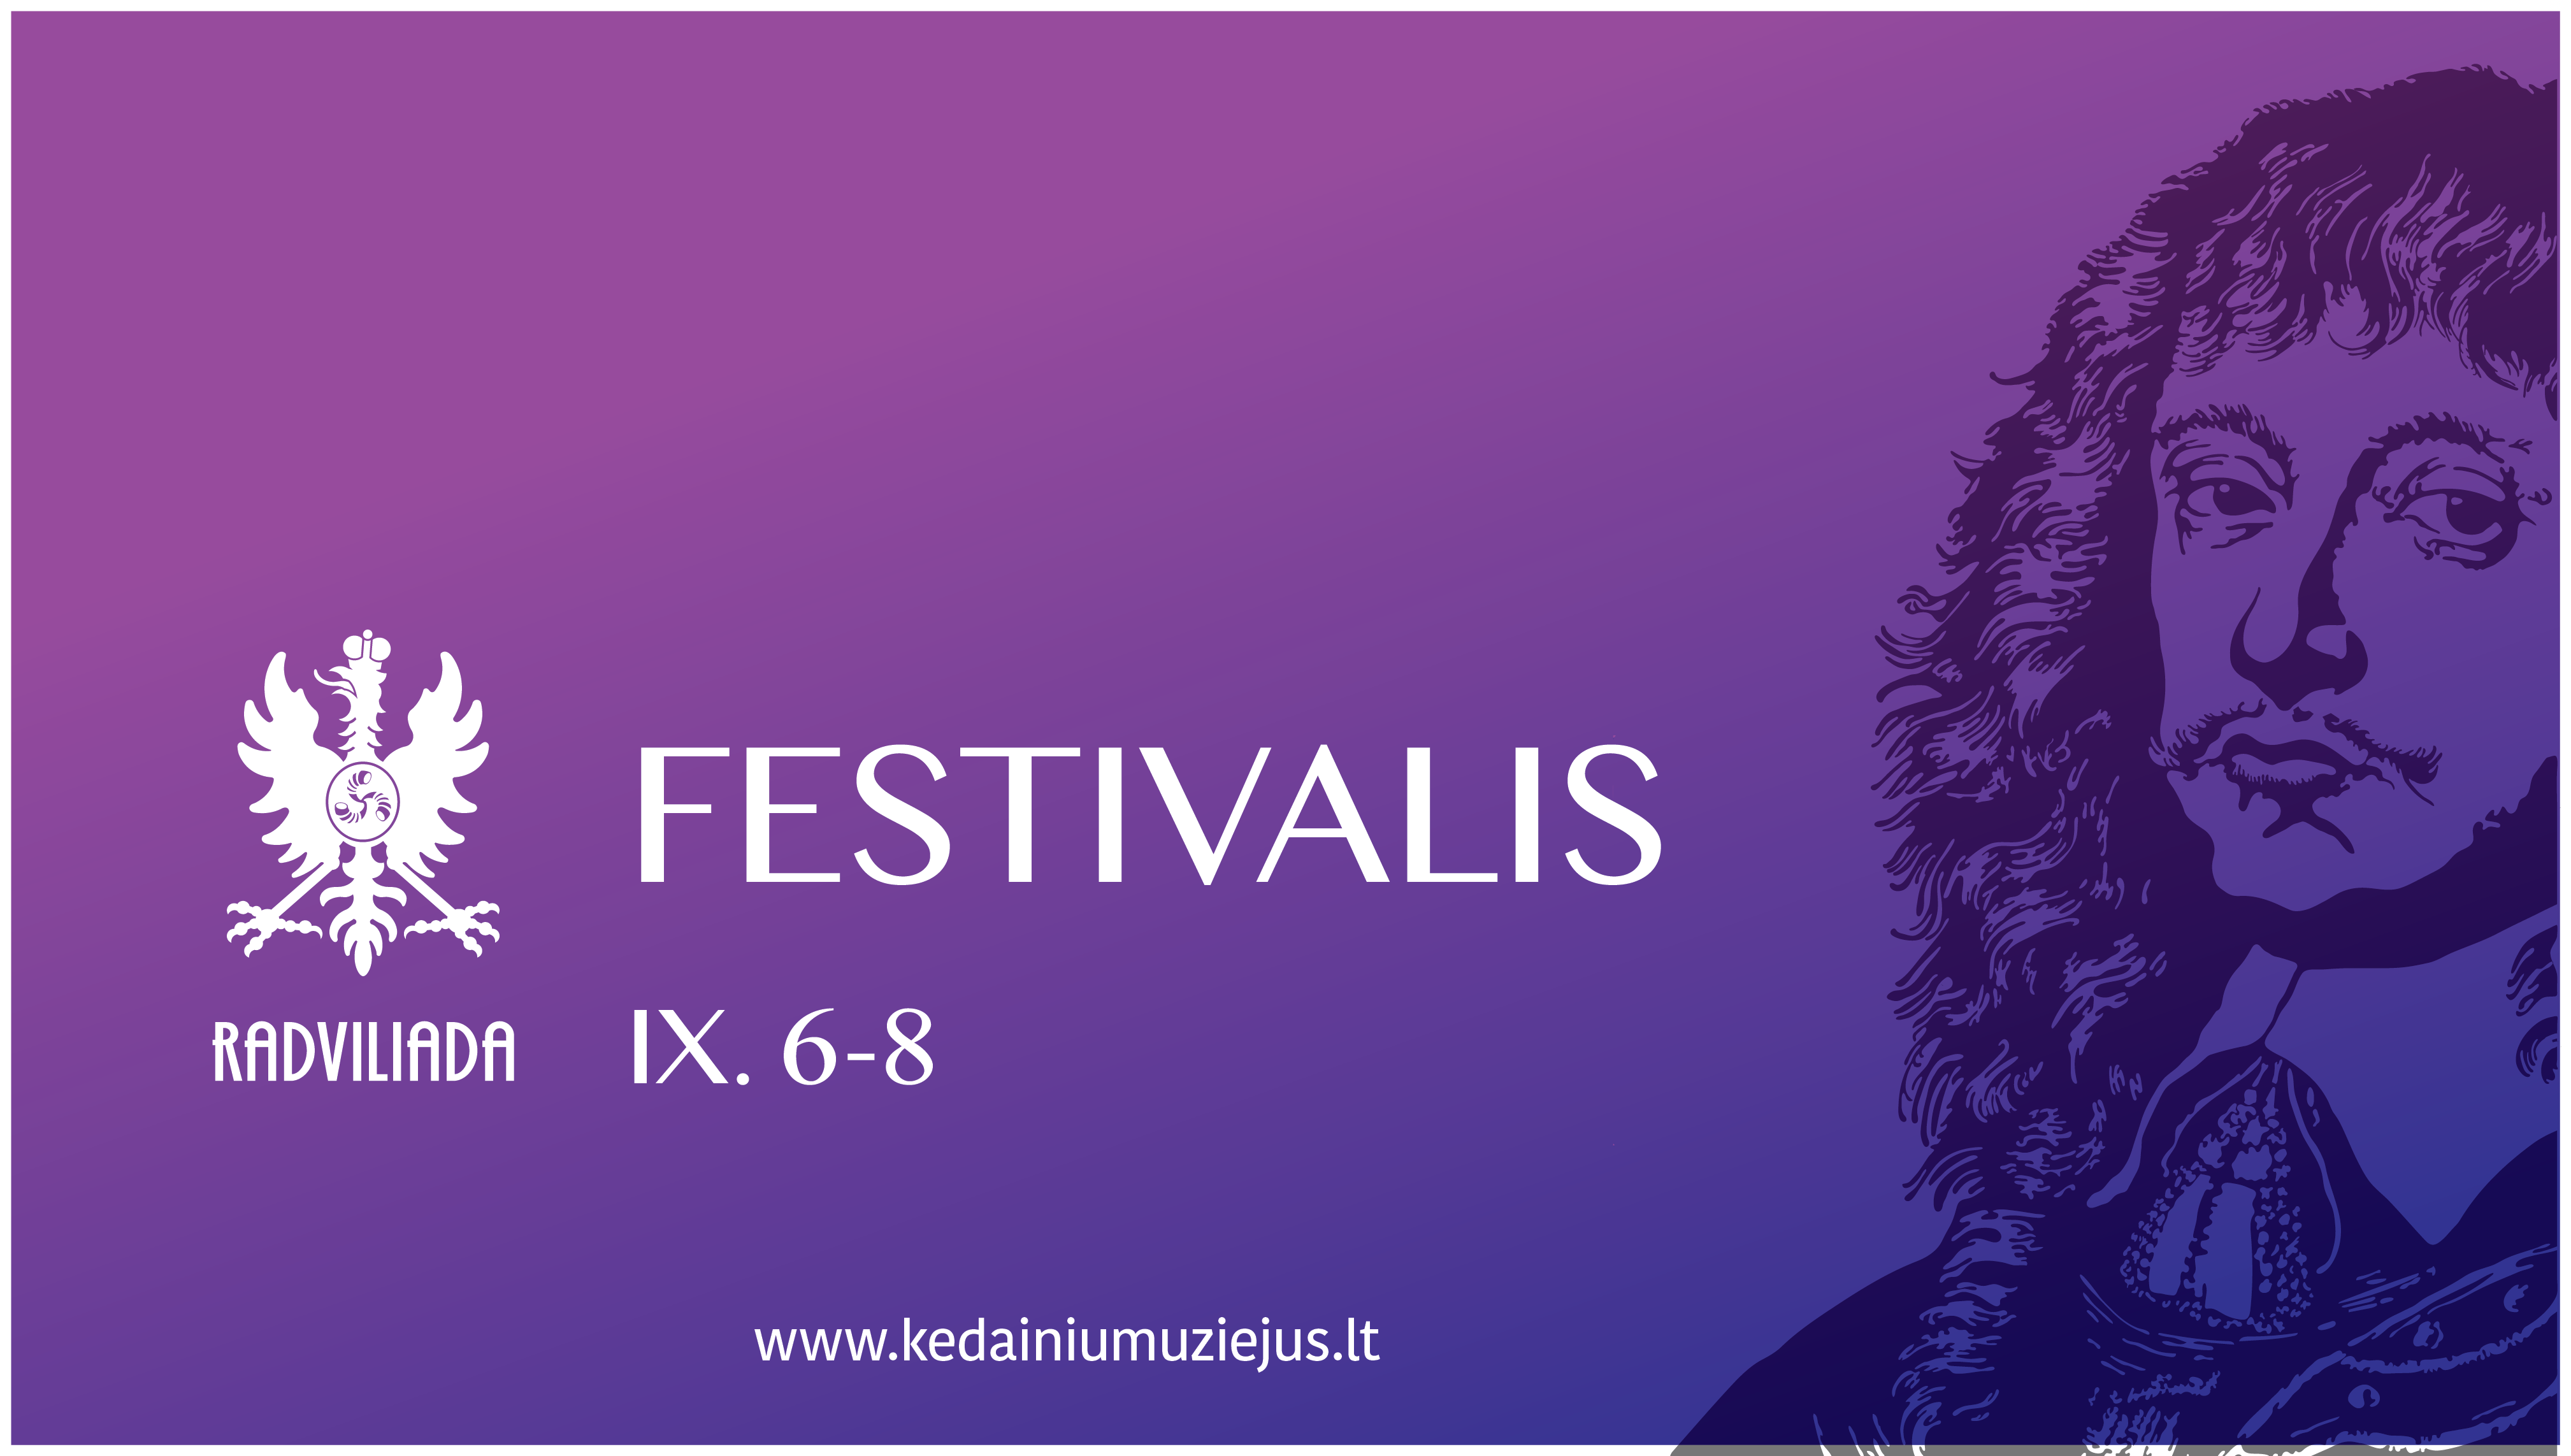 """Radviliada 2019. Senovinės muzikos ansamblio """"Rondellus"""" ir senovinių šokių kolektyvo """"Saltatores Revaliensis"""" koncertas"""